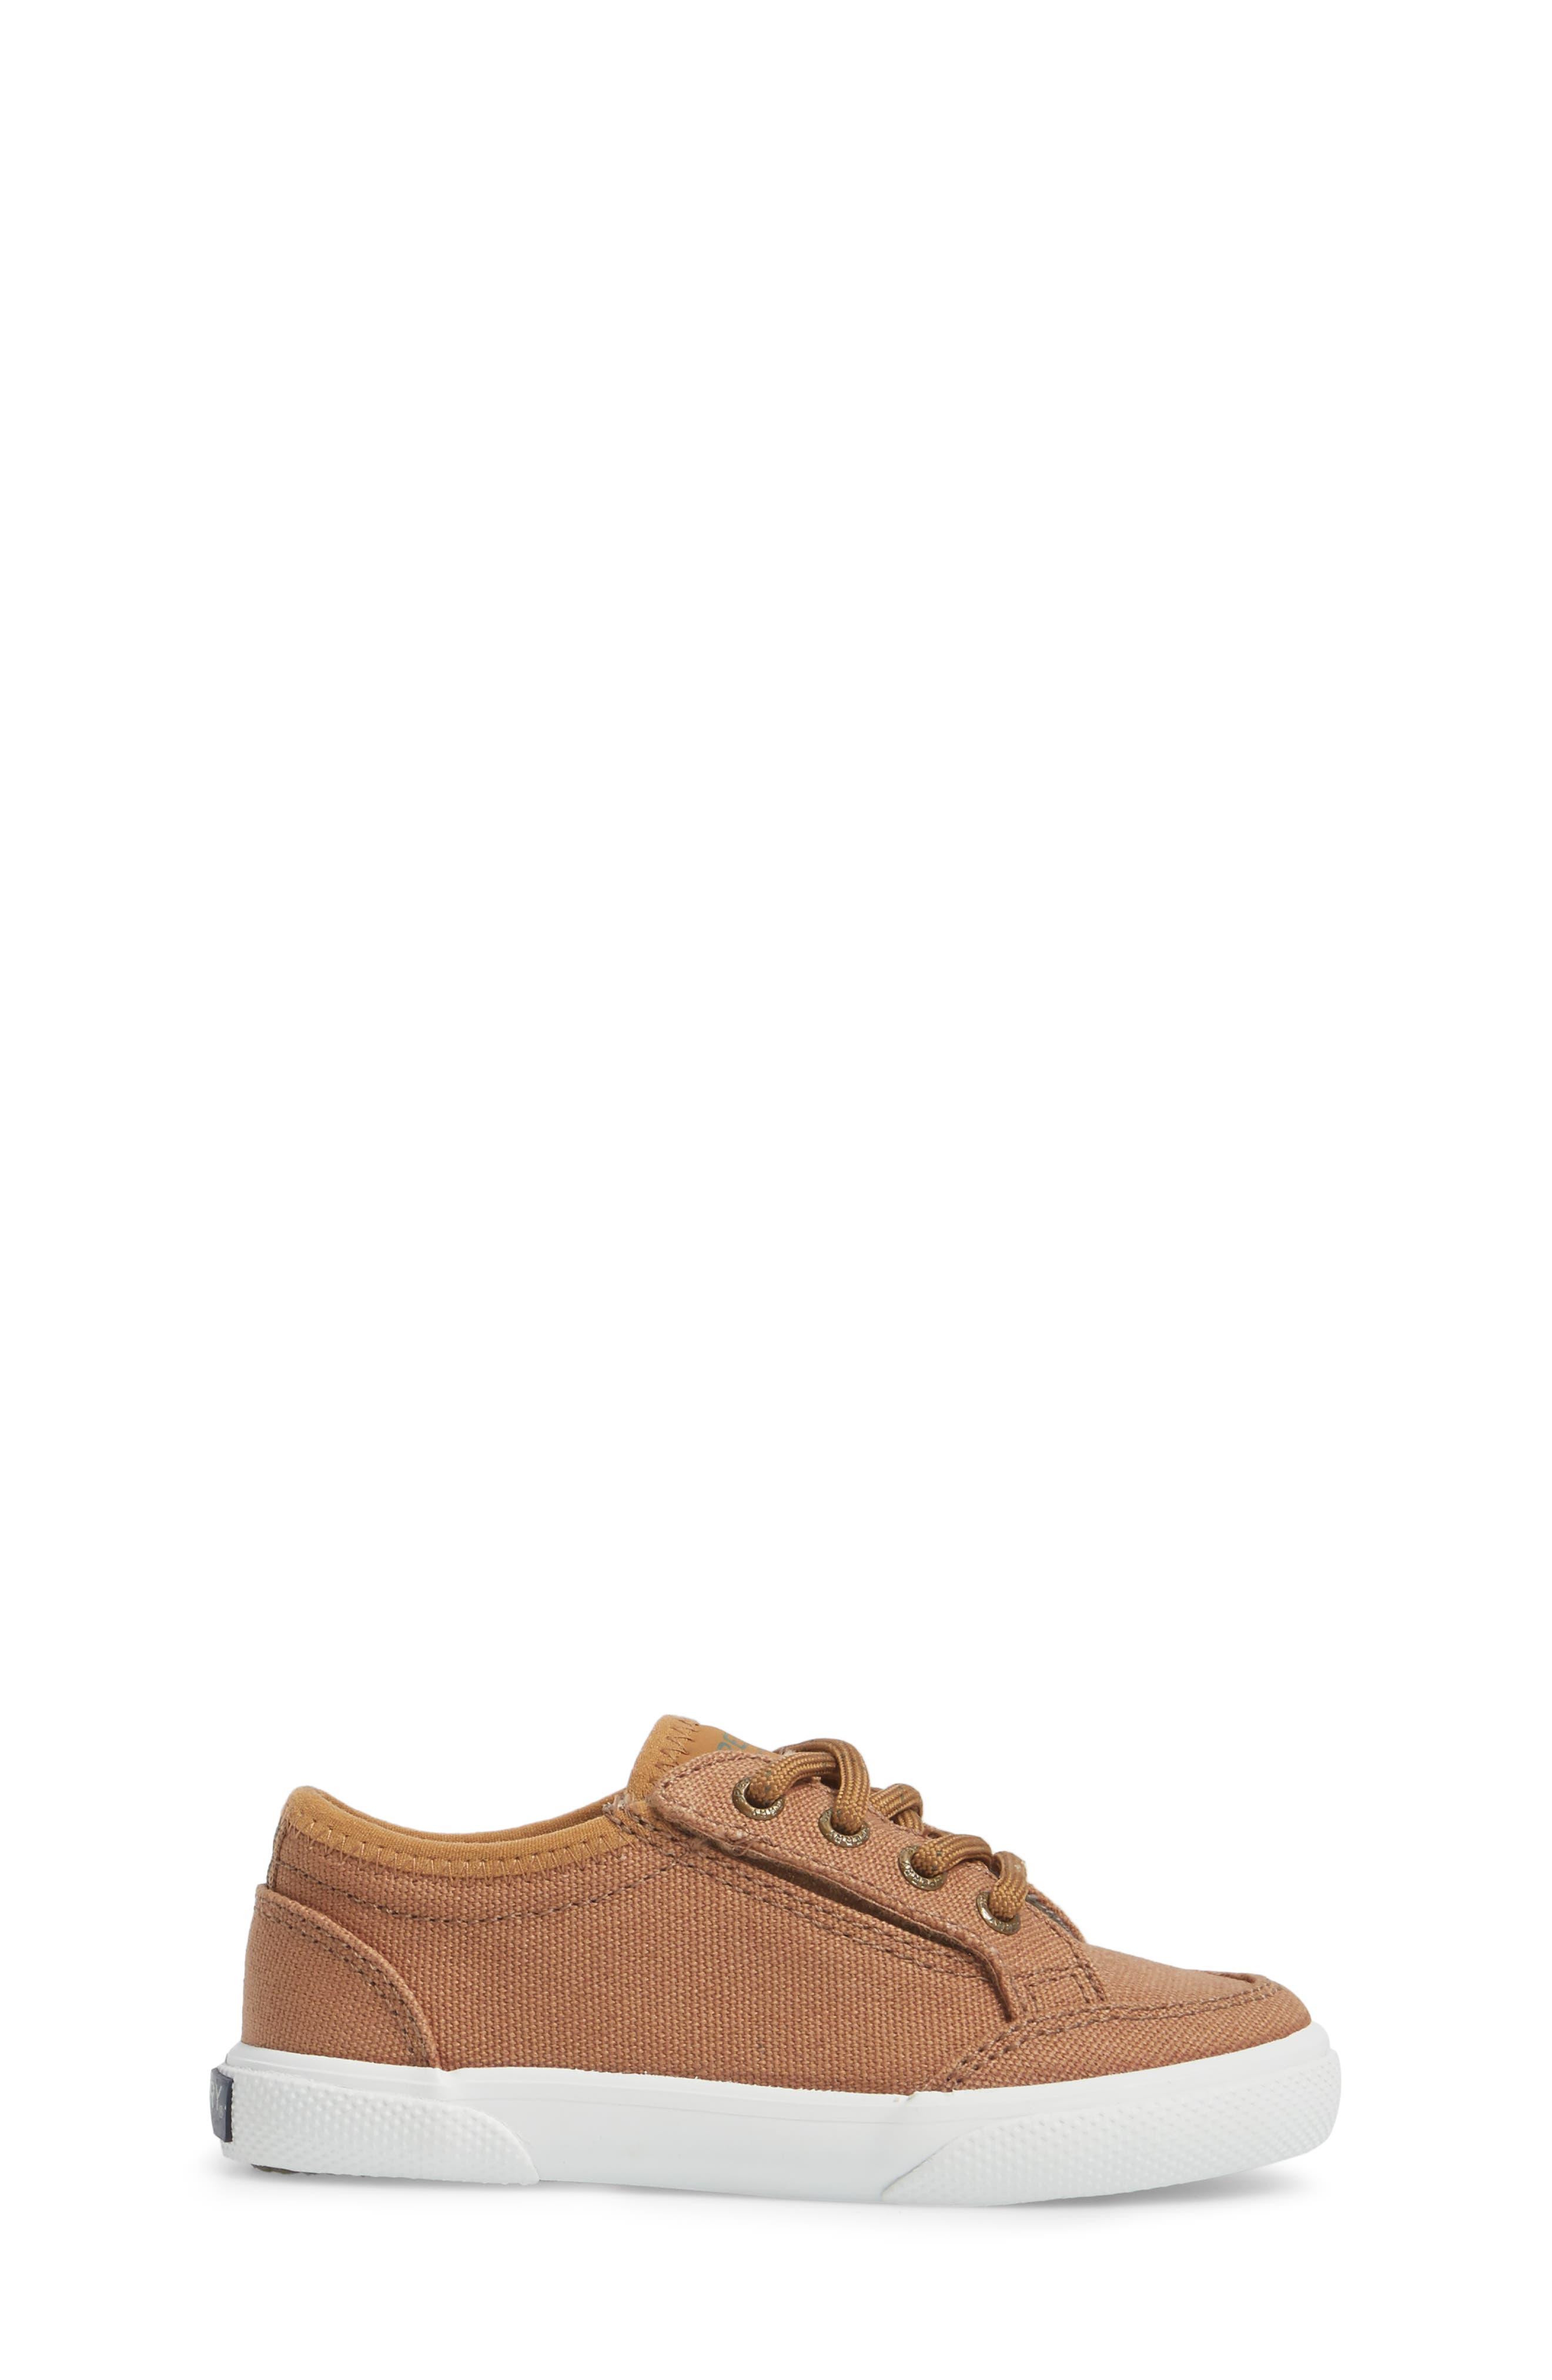 Sperry Deckfin Jr. Sneaker,                             Alternate thumbnail 3, color,